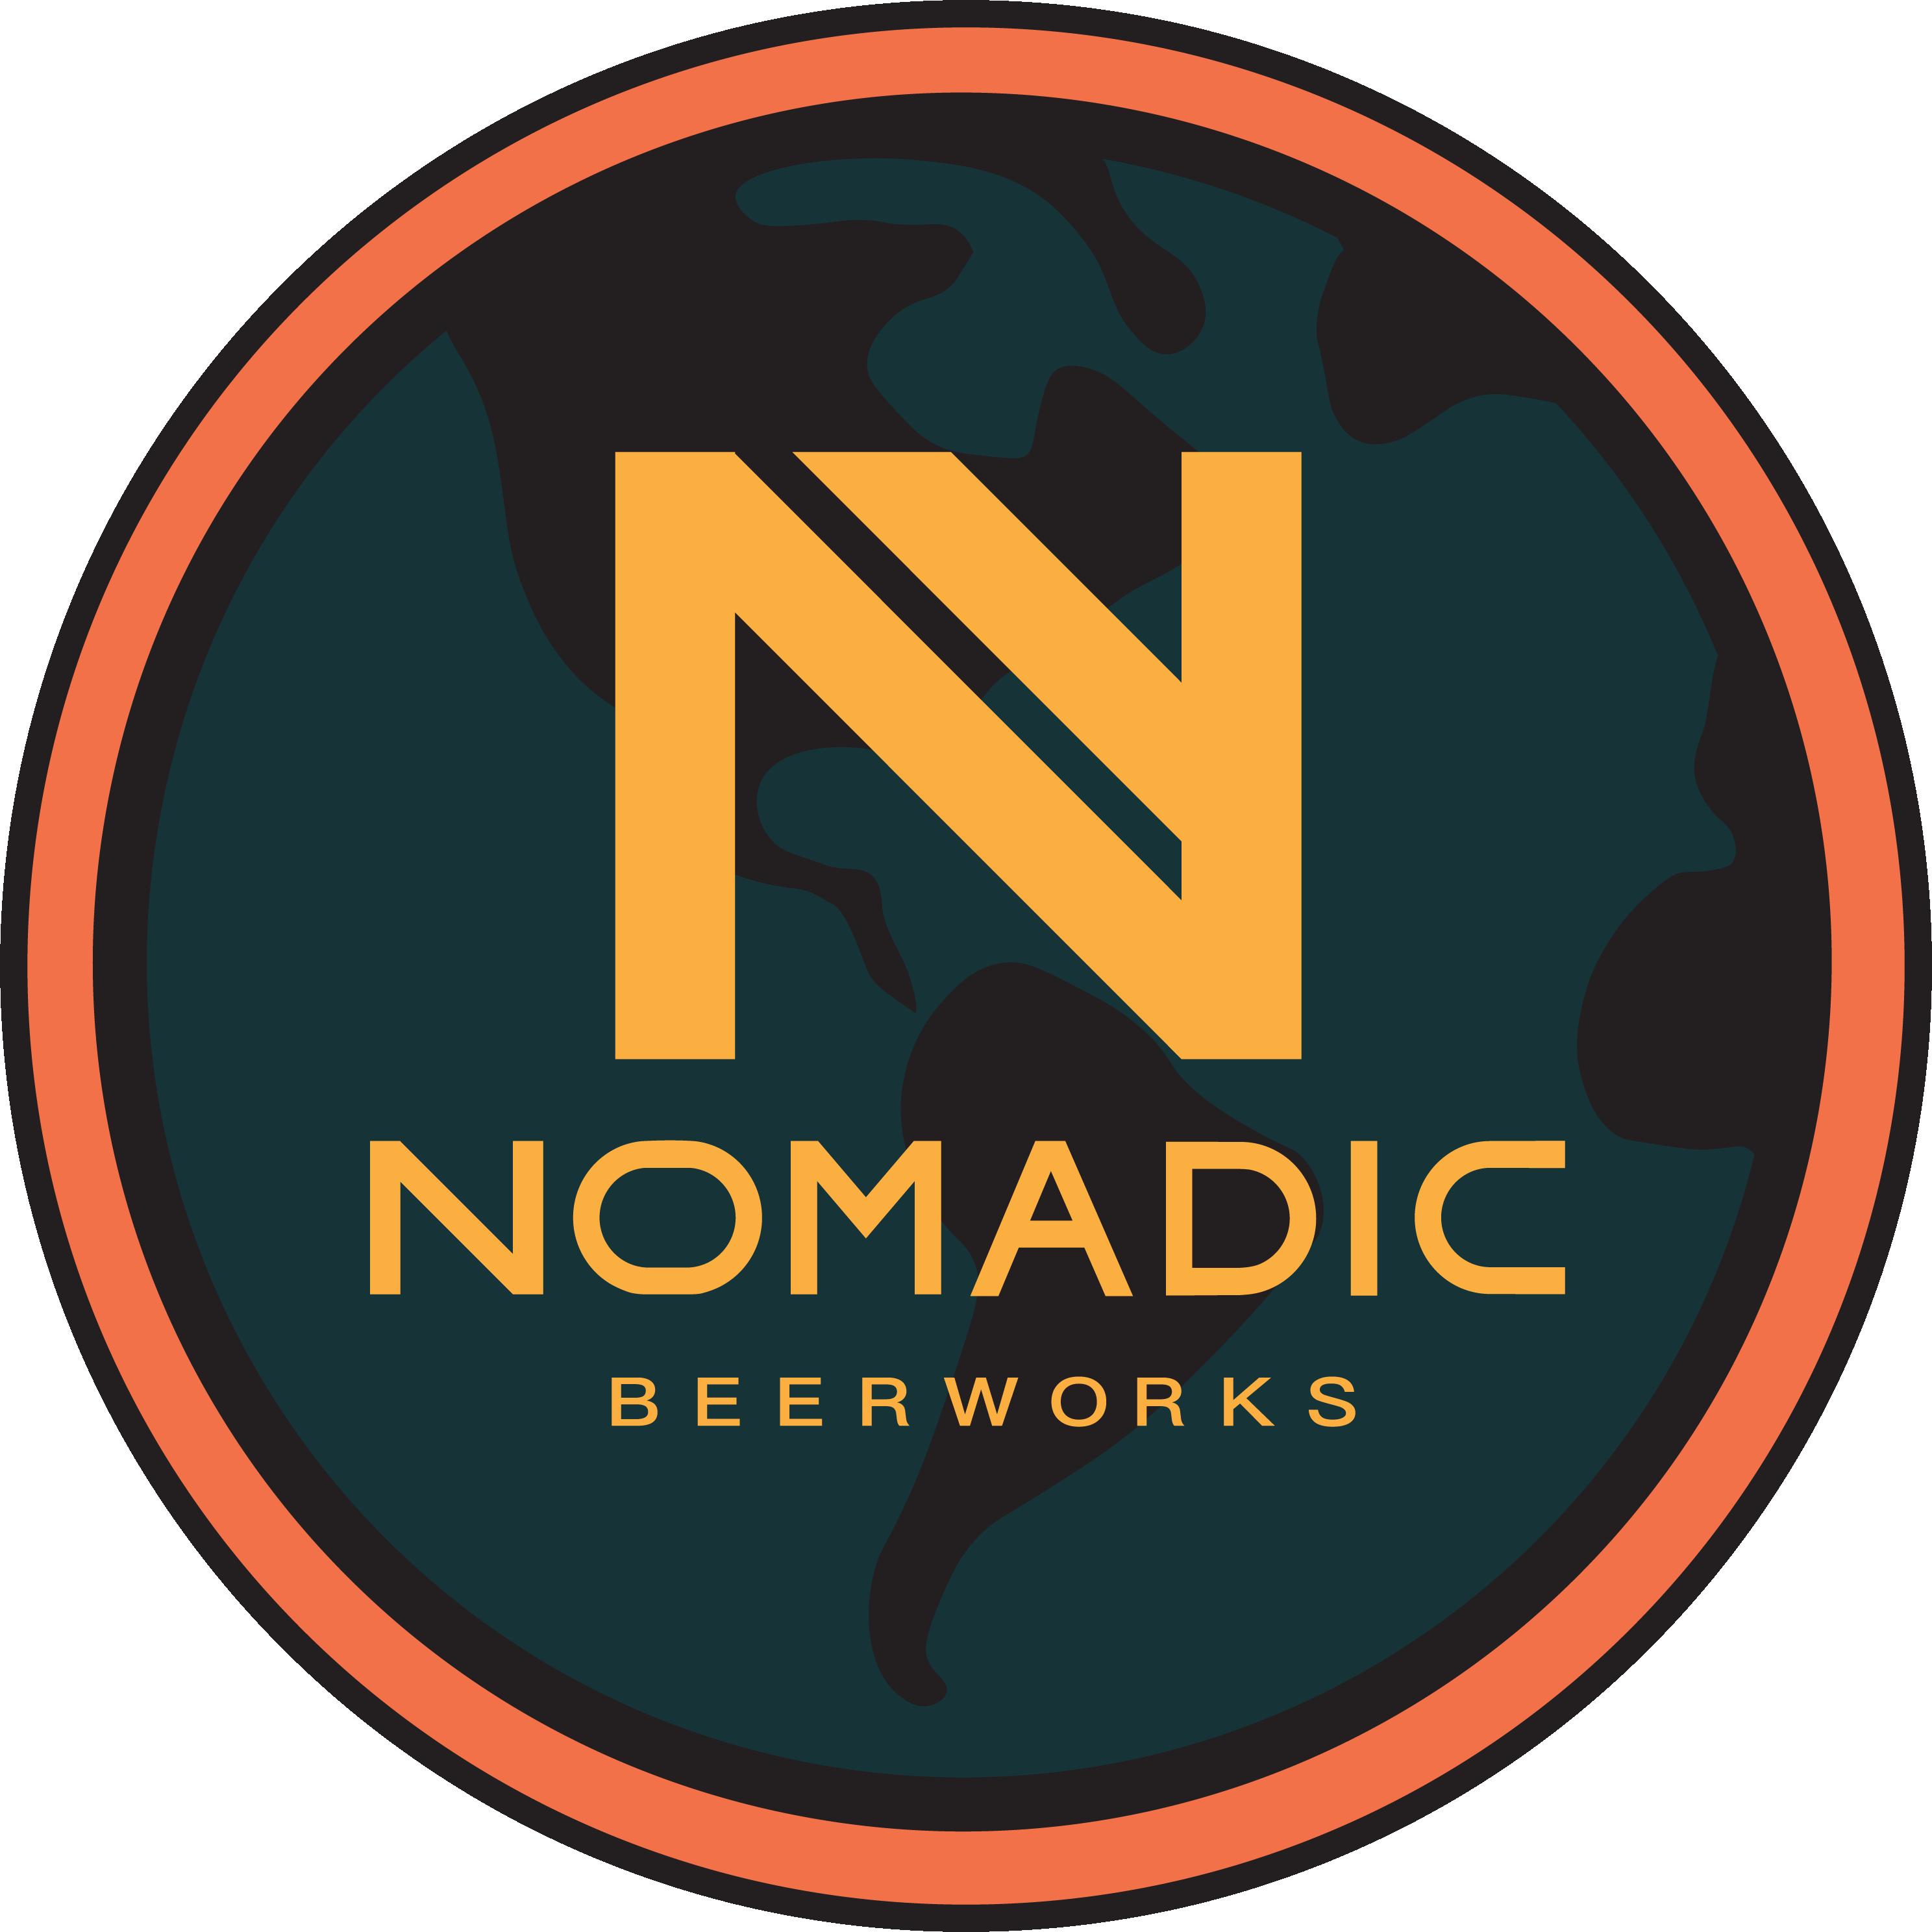 Nomadic Beerworks logo